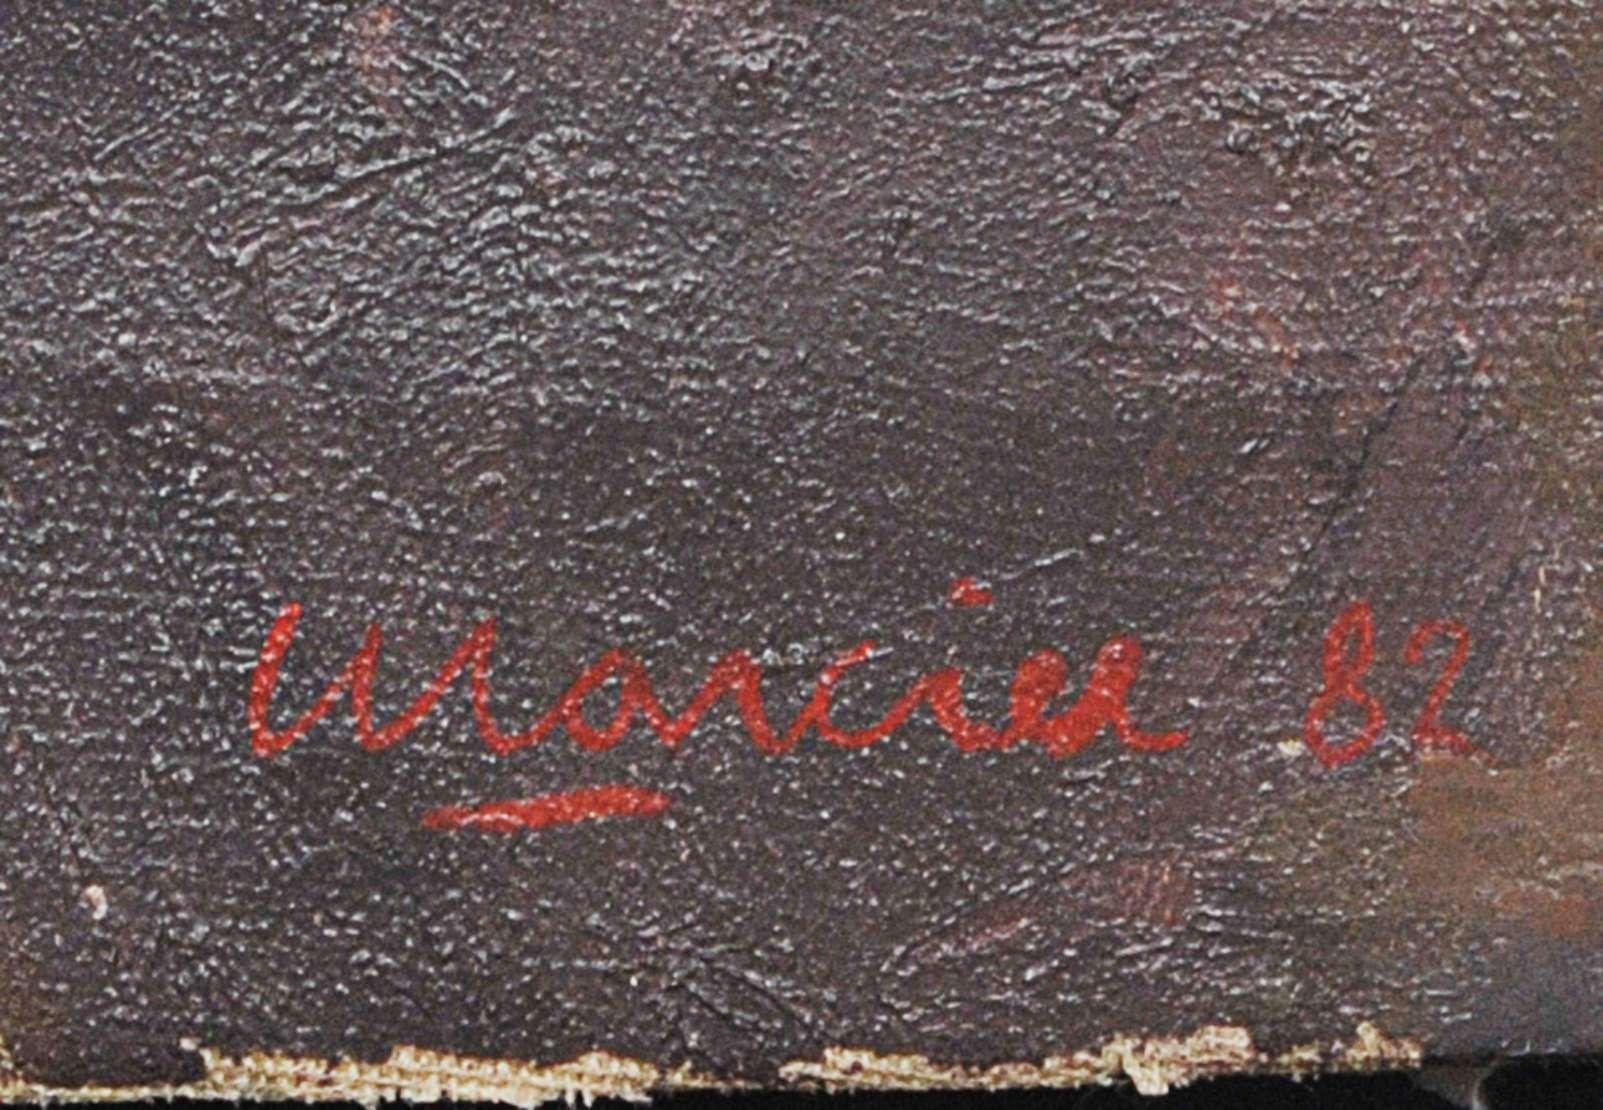 Emeric Marcier (1916-1990), Cristo, 1982 - Oléo s/ tela<br>Ass. inf. direito<br>